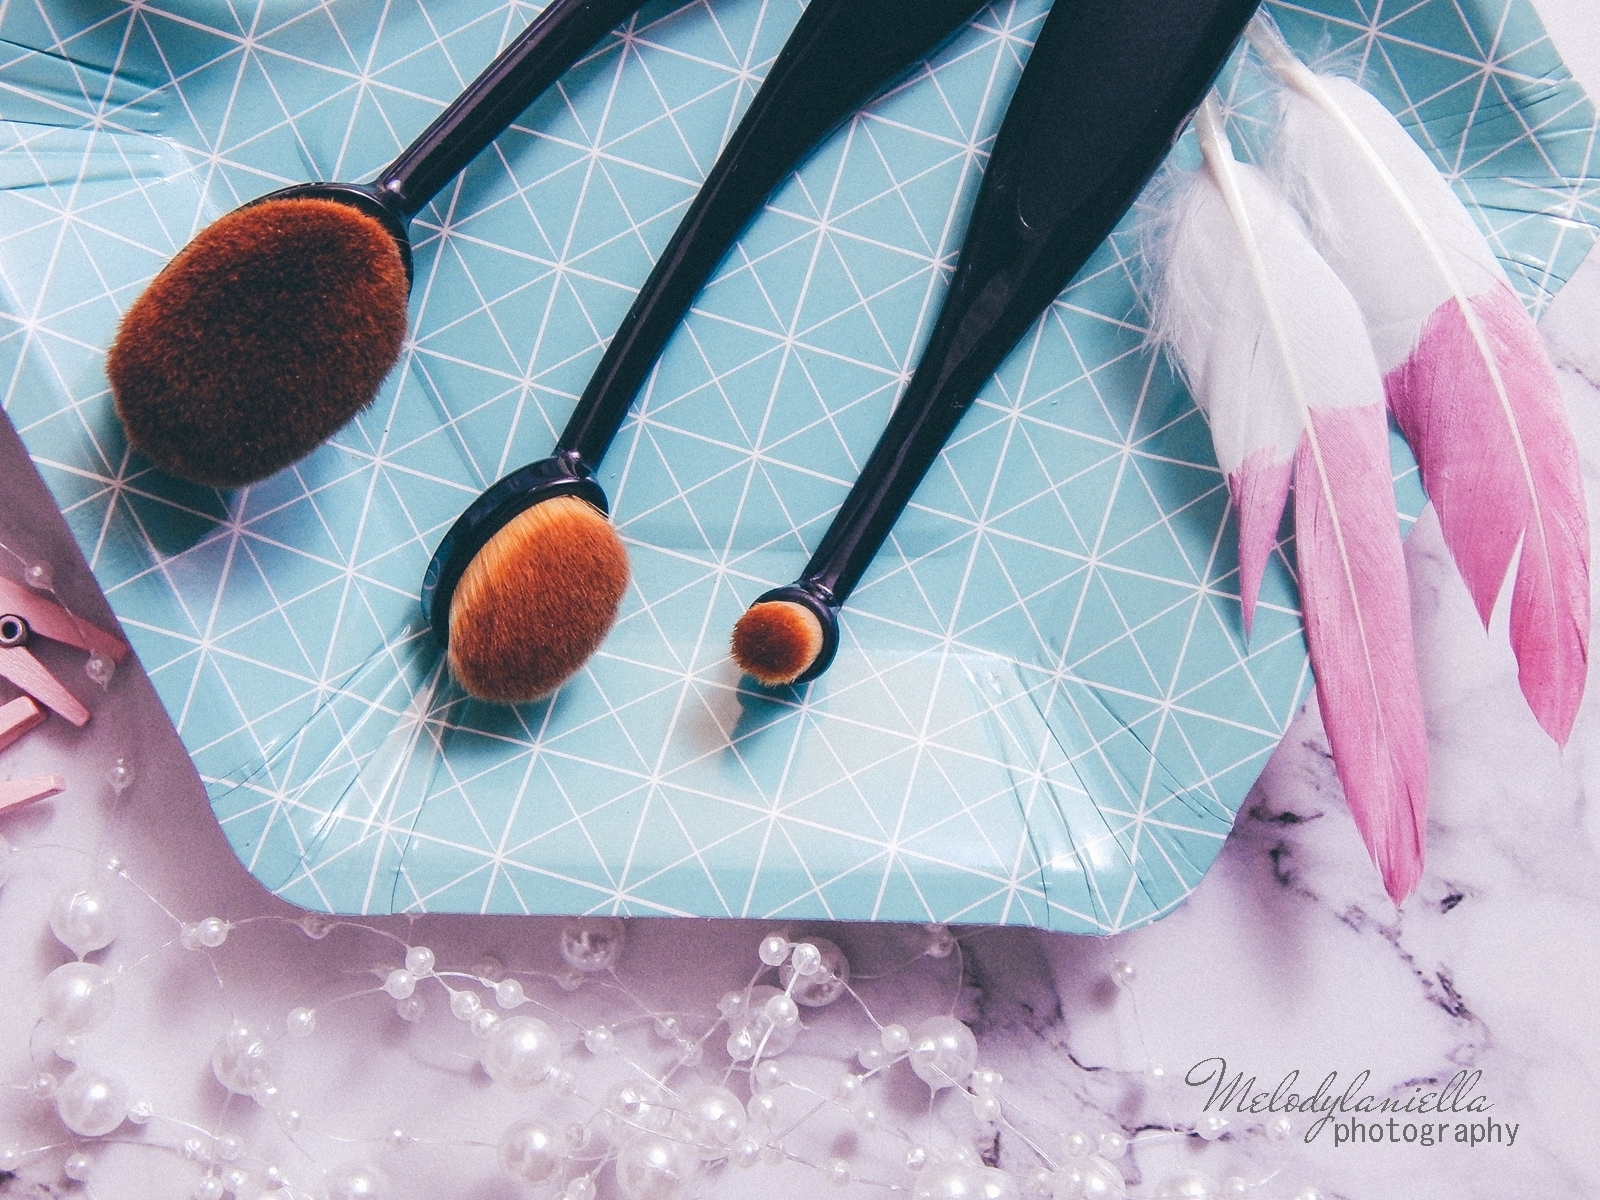 2 clavier gąbka do makijażu blending sponge szczoteczka do aplikacji cieni bazy korektora rozświetlacza bronzera silikonowa gąbeczka do makijażu czym się malować akcesoria kosmetyczne pędzle do makijażu gąbki